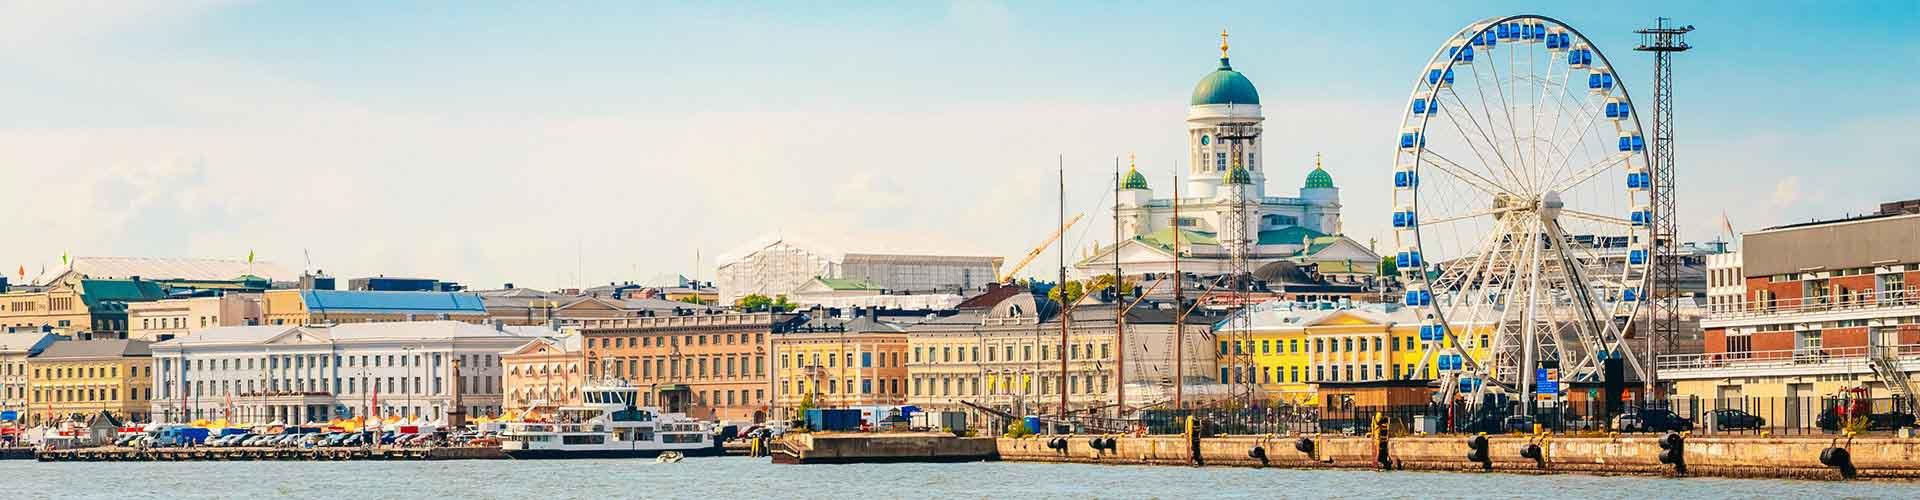 Helsinki - Hoteles baratos en Helsinki. Mapas de Helsinki, Fotos y Comentarios para cada alojamiento en Helsinki.